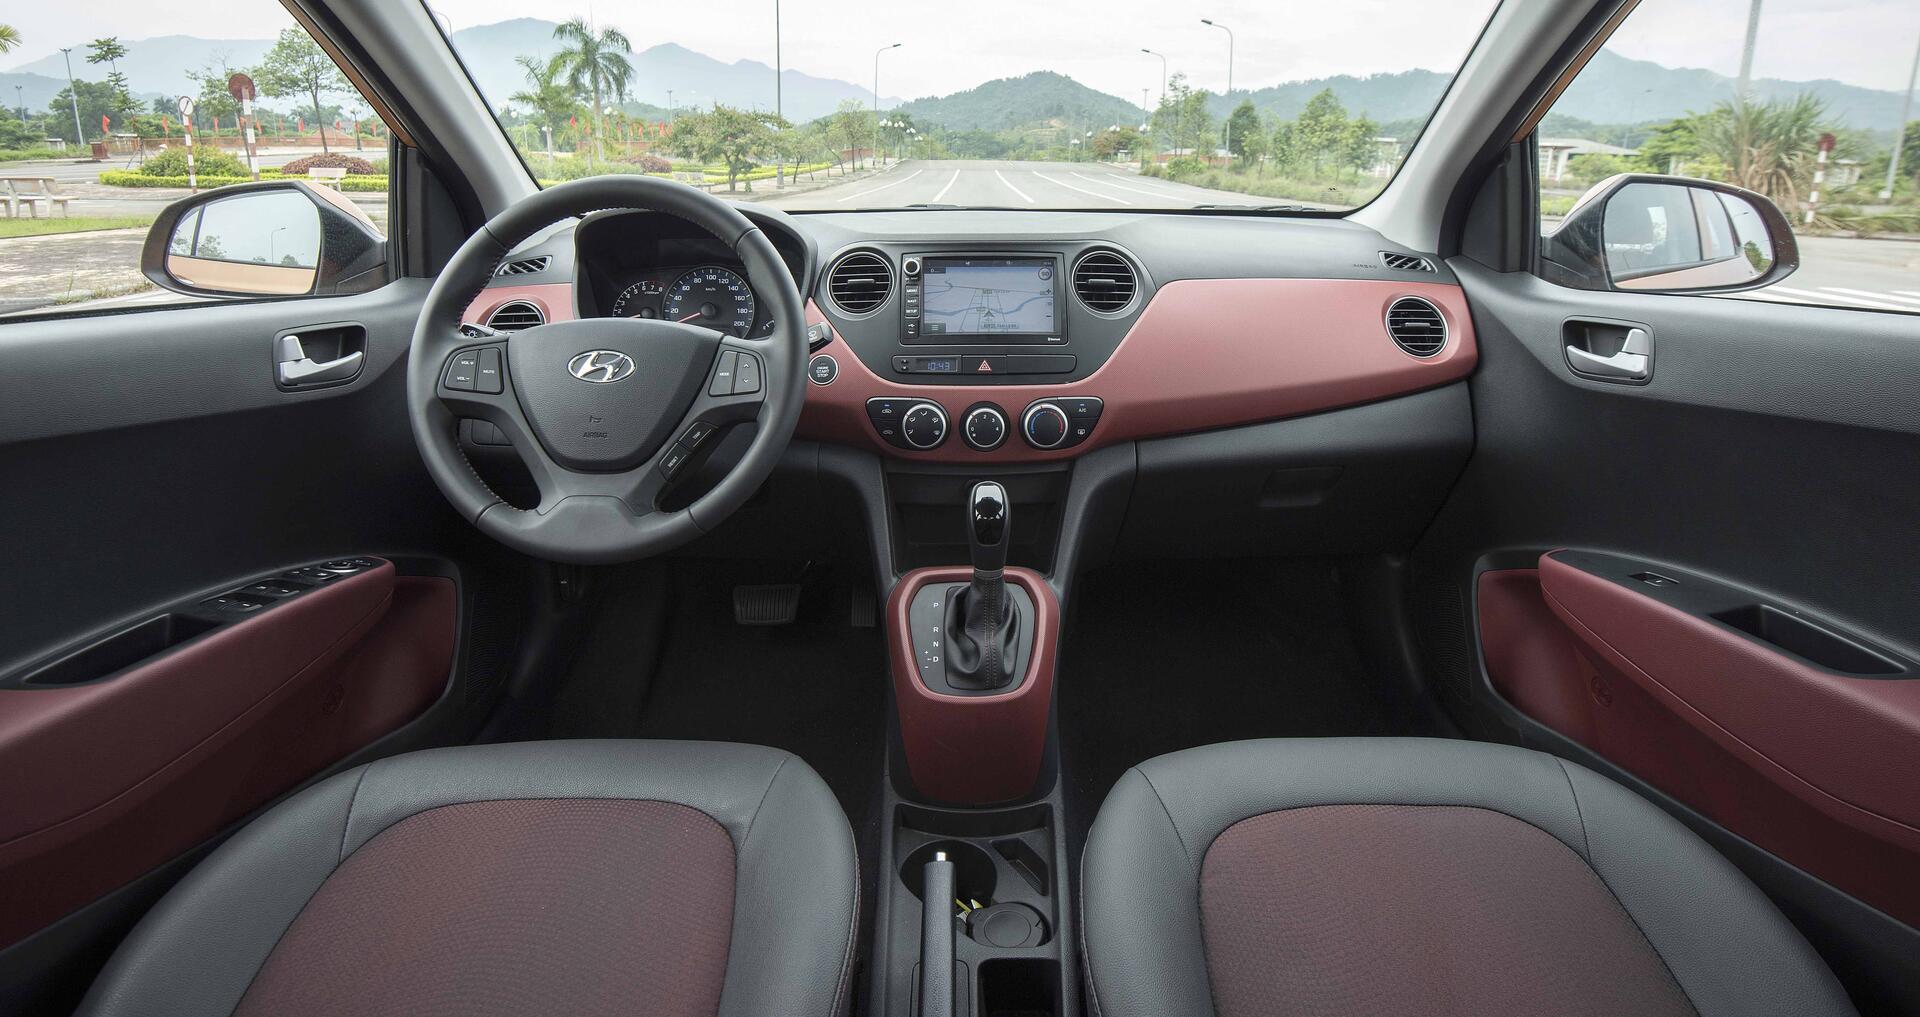 Cơ hội lái thử Hyundai Grand i10 2017 lắp ráp trong nước tại Hà Nội - Hình 3